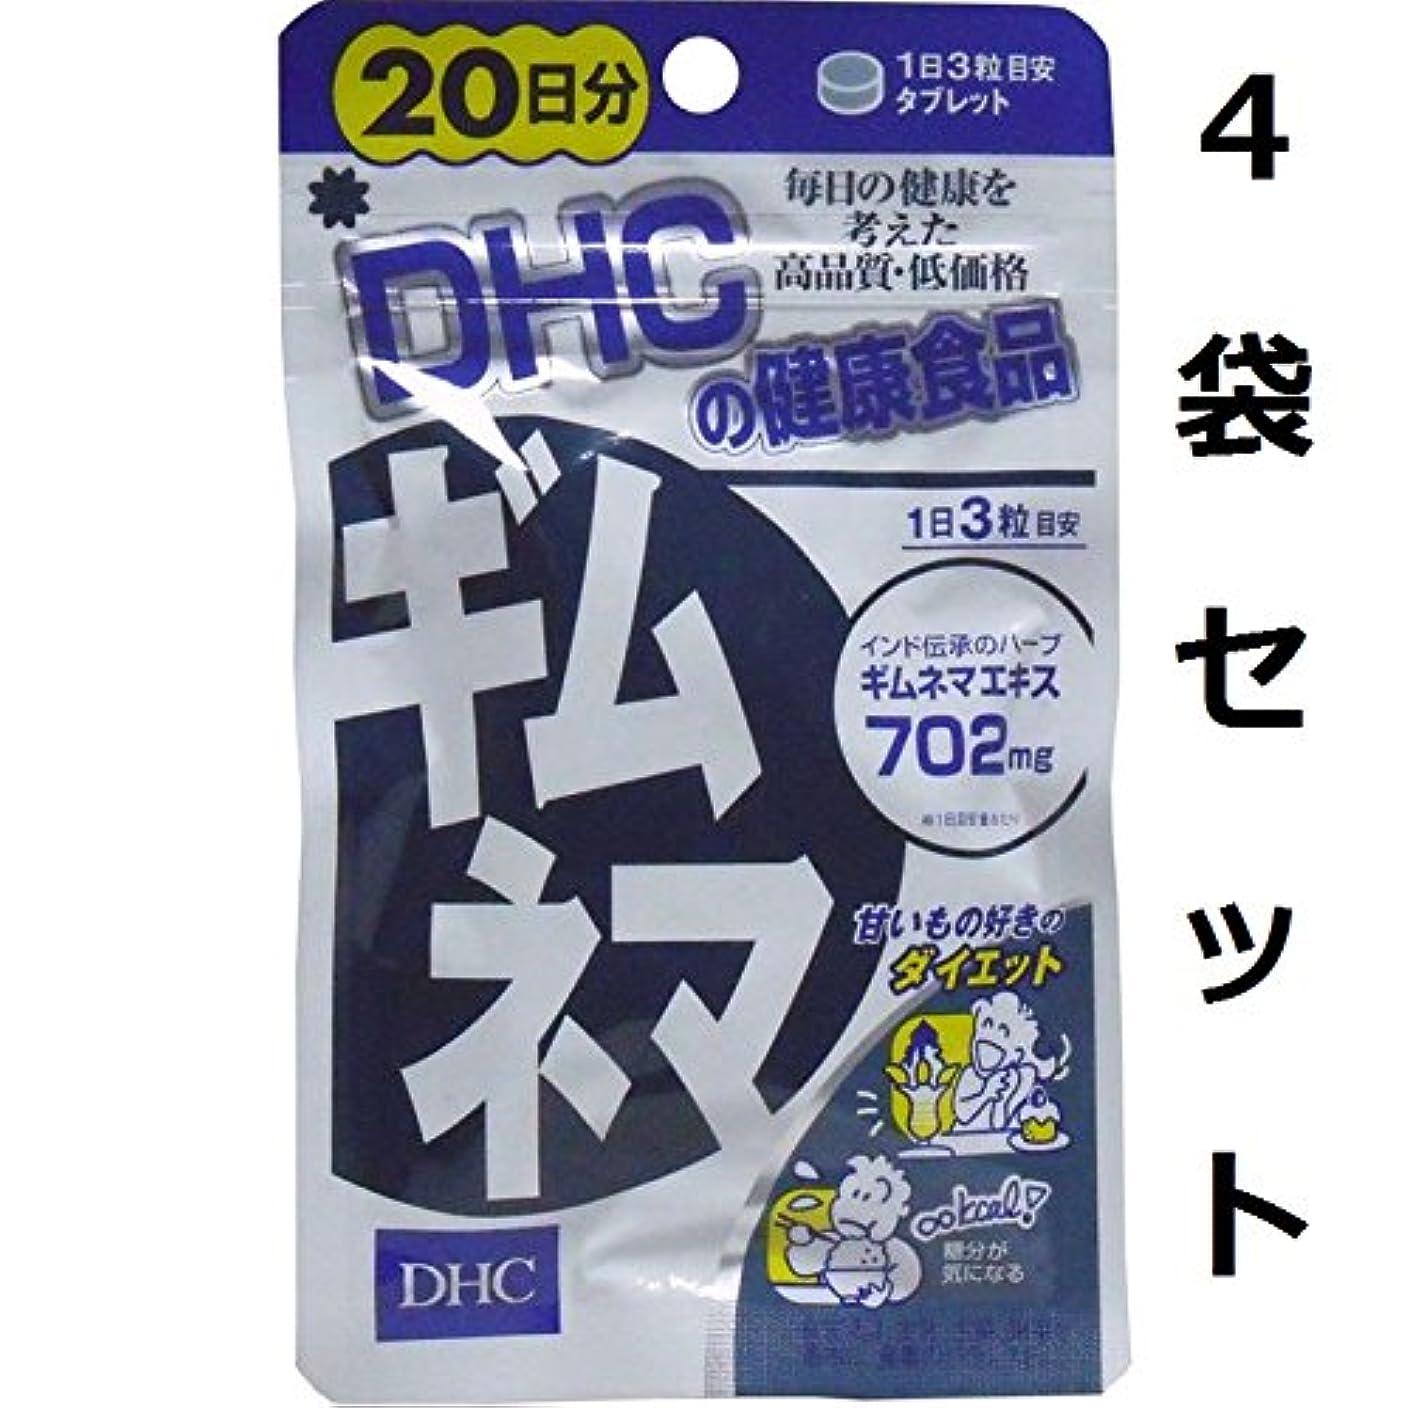 統計日記環境に優しい我慢せずに余分な糖分をブロック DHC ギムネマ 20日分 60粒 4袋セット